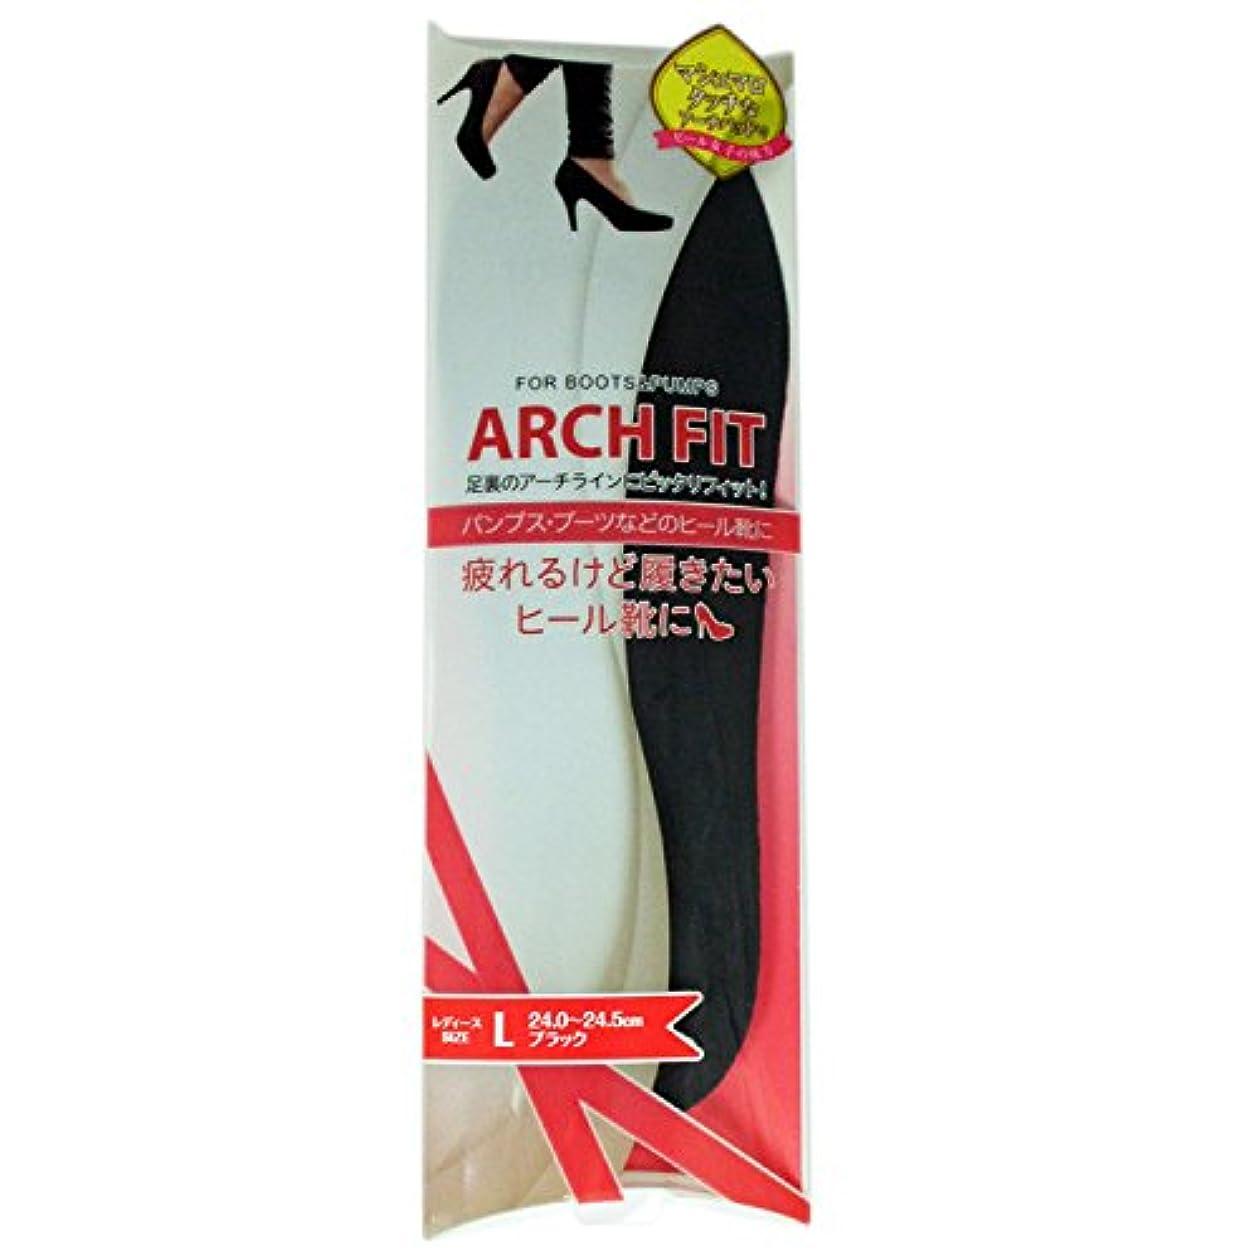 トースト赤混合した荒川産業 アーチフィット L ブラック 24-24.5cm [インソール] 通販【全品無料配達】